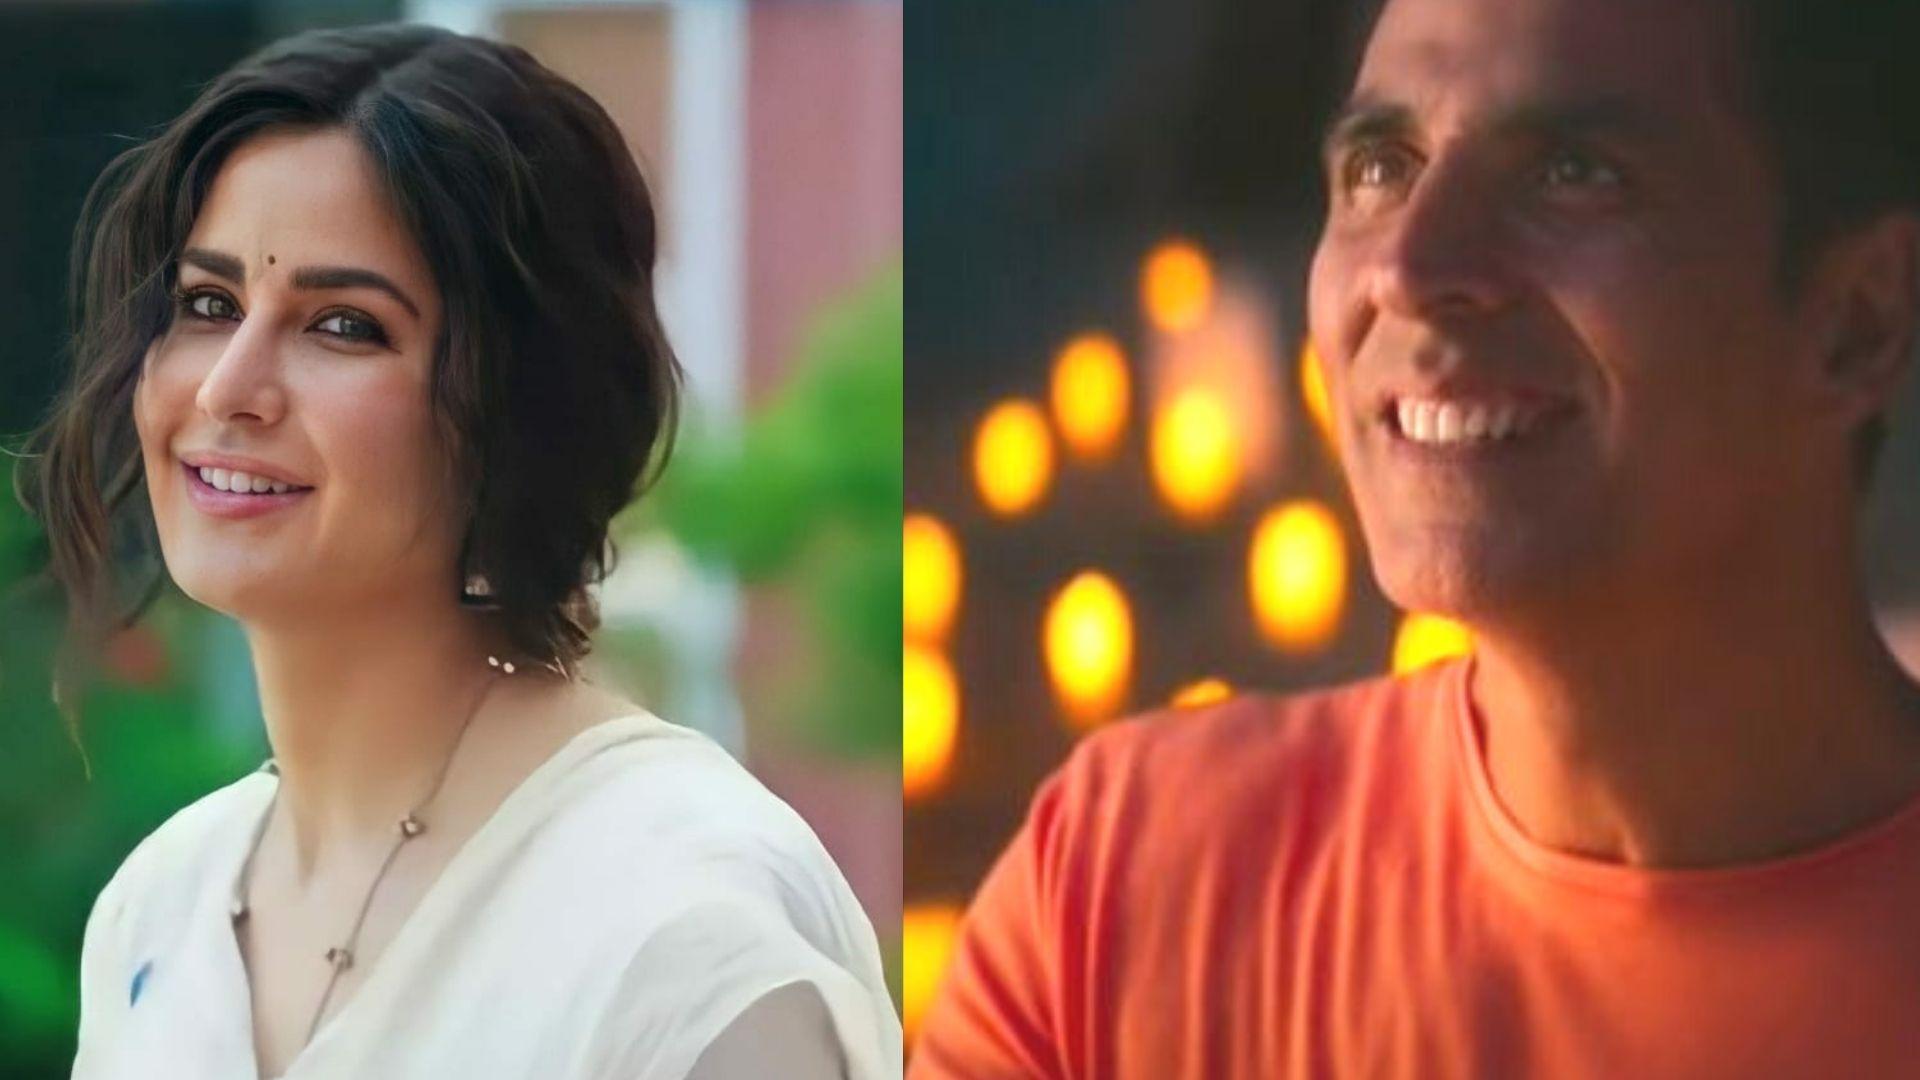 Sooryavanshi: Akshay Kumar Unveils Love Song 'Mere Yaaraa' With Katrina Kaif – Teaser Inside